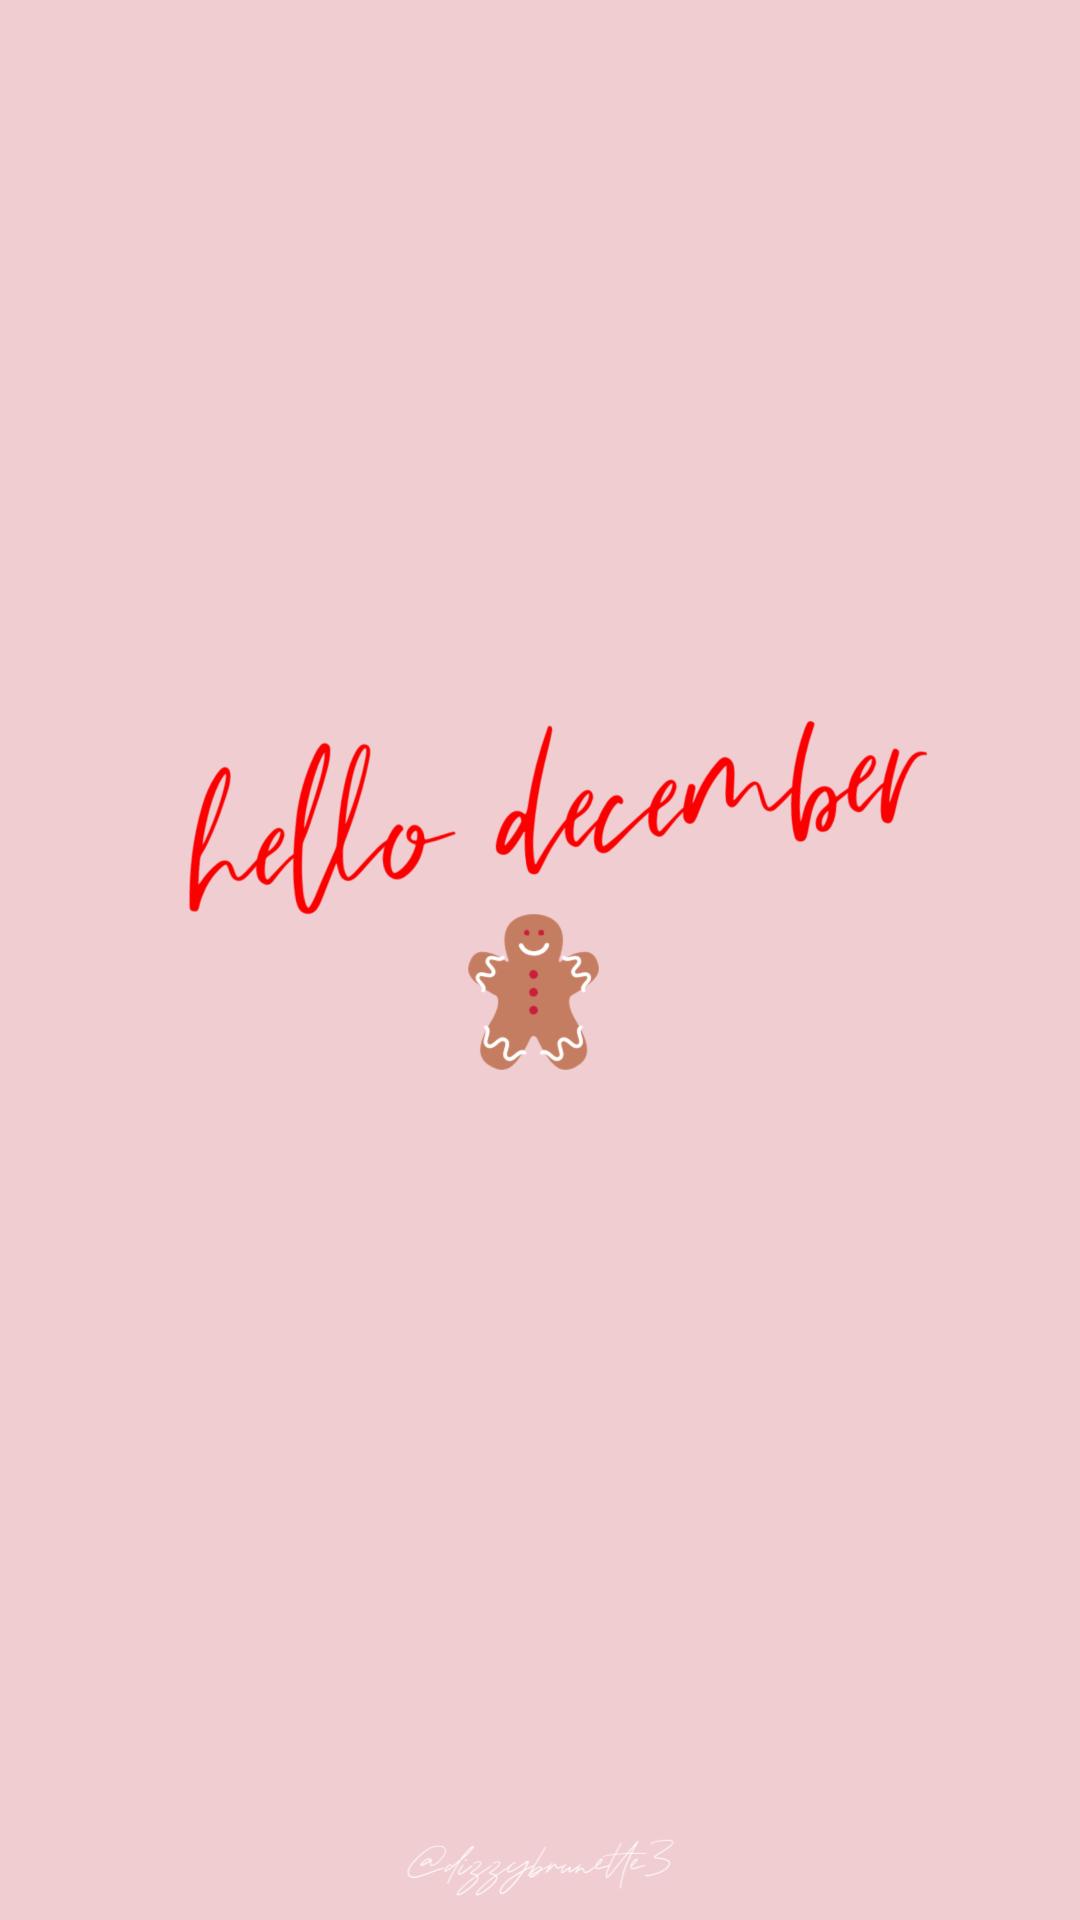 Fondos De Navidad Gratis In 2020 Christmas Phone Wallpaper Wallpaper Iphone Christmas Xmas Wallpaper